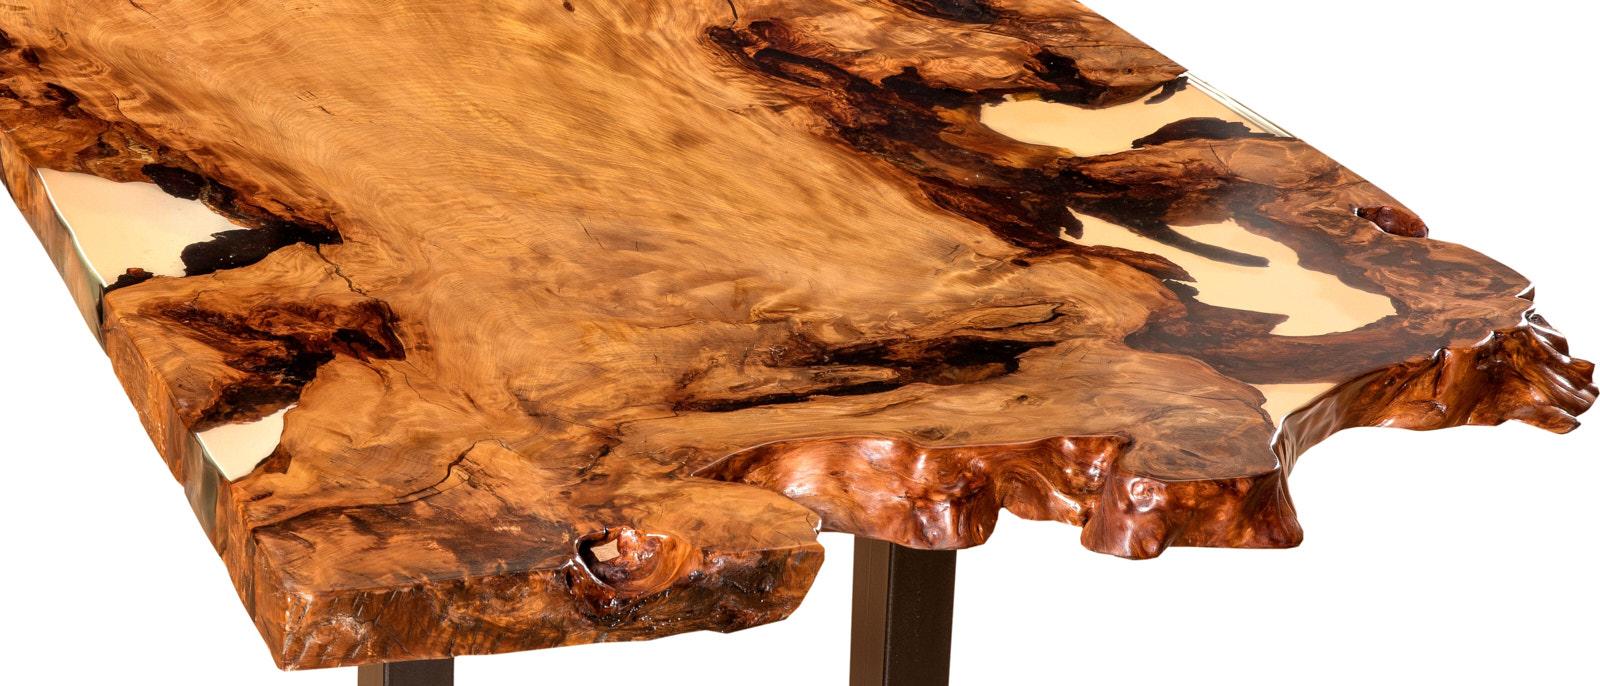 Kunstvoller Kauri Konferenztisch mit gefülltem Harz aus einem Stück Natur und einzigartigem Wurzel Stammwuchs als wertvolle Geldanlage